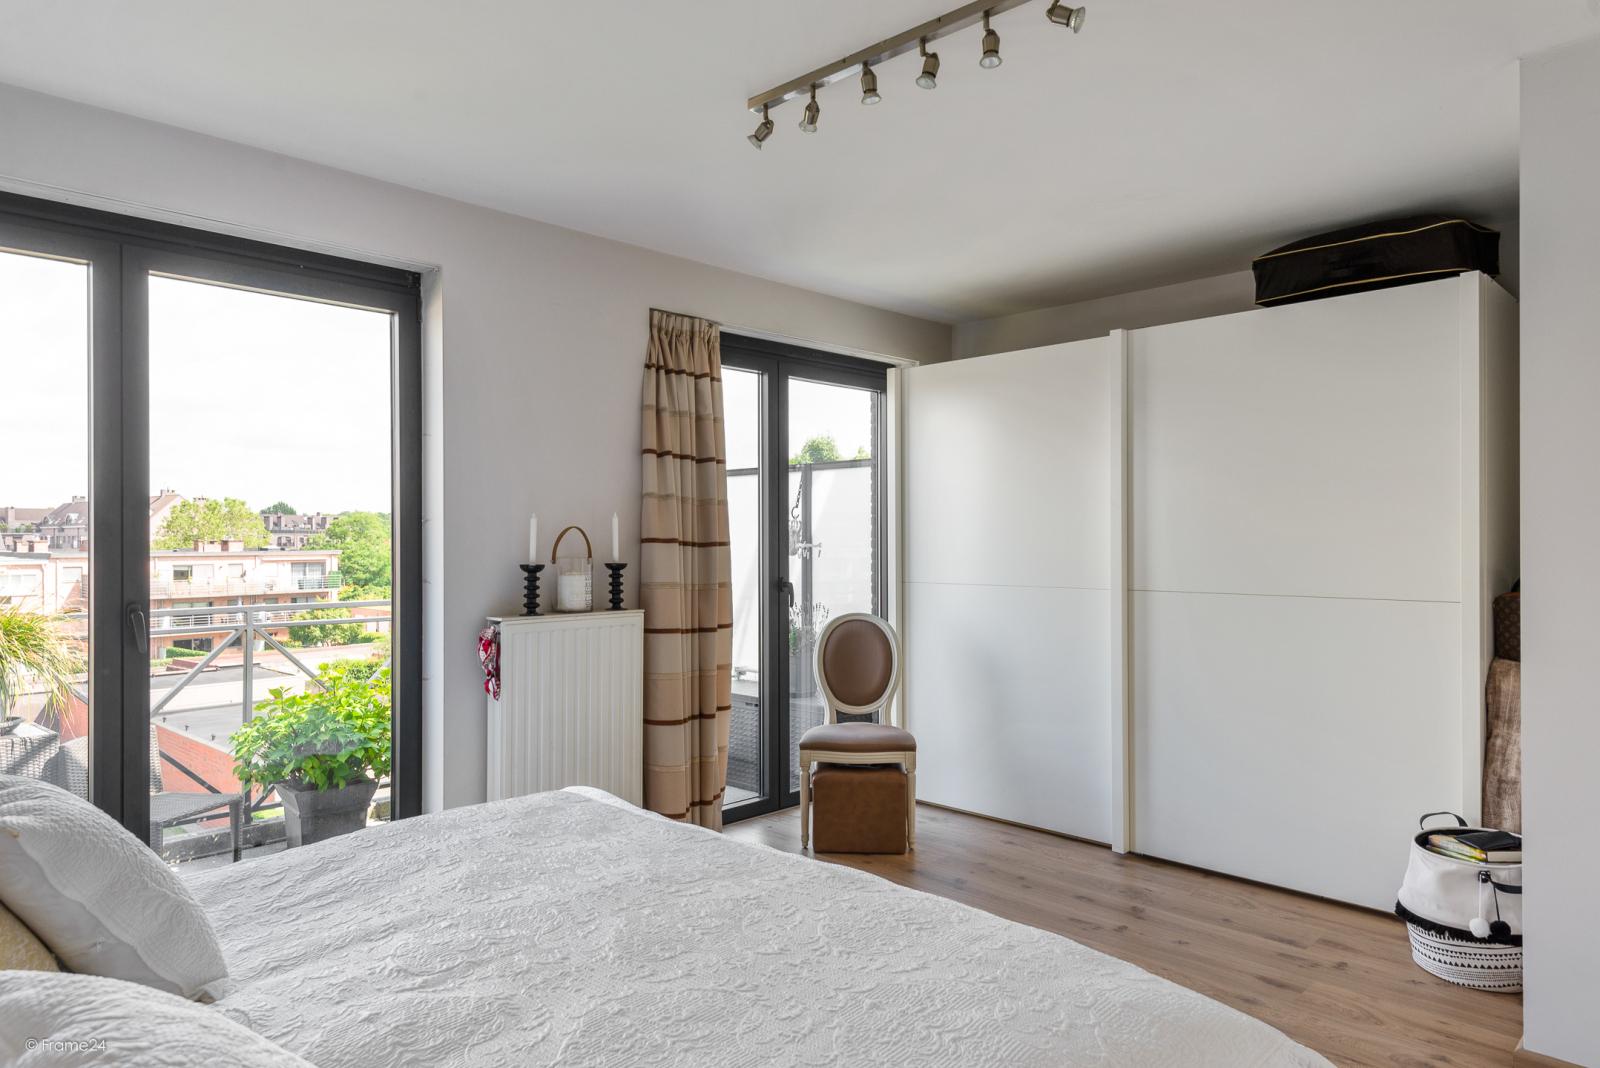 Prachtig instapklaar appartement met twee ruime slaapkamers nabij het centrum van Schoten! afbeelding 15